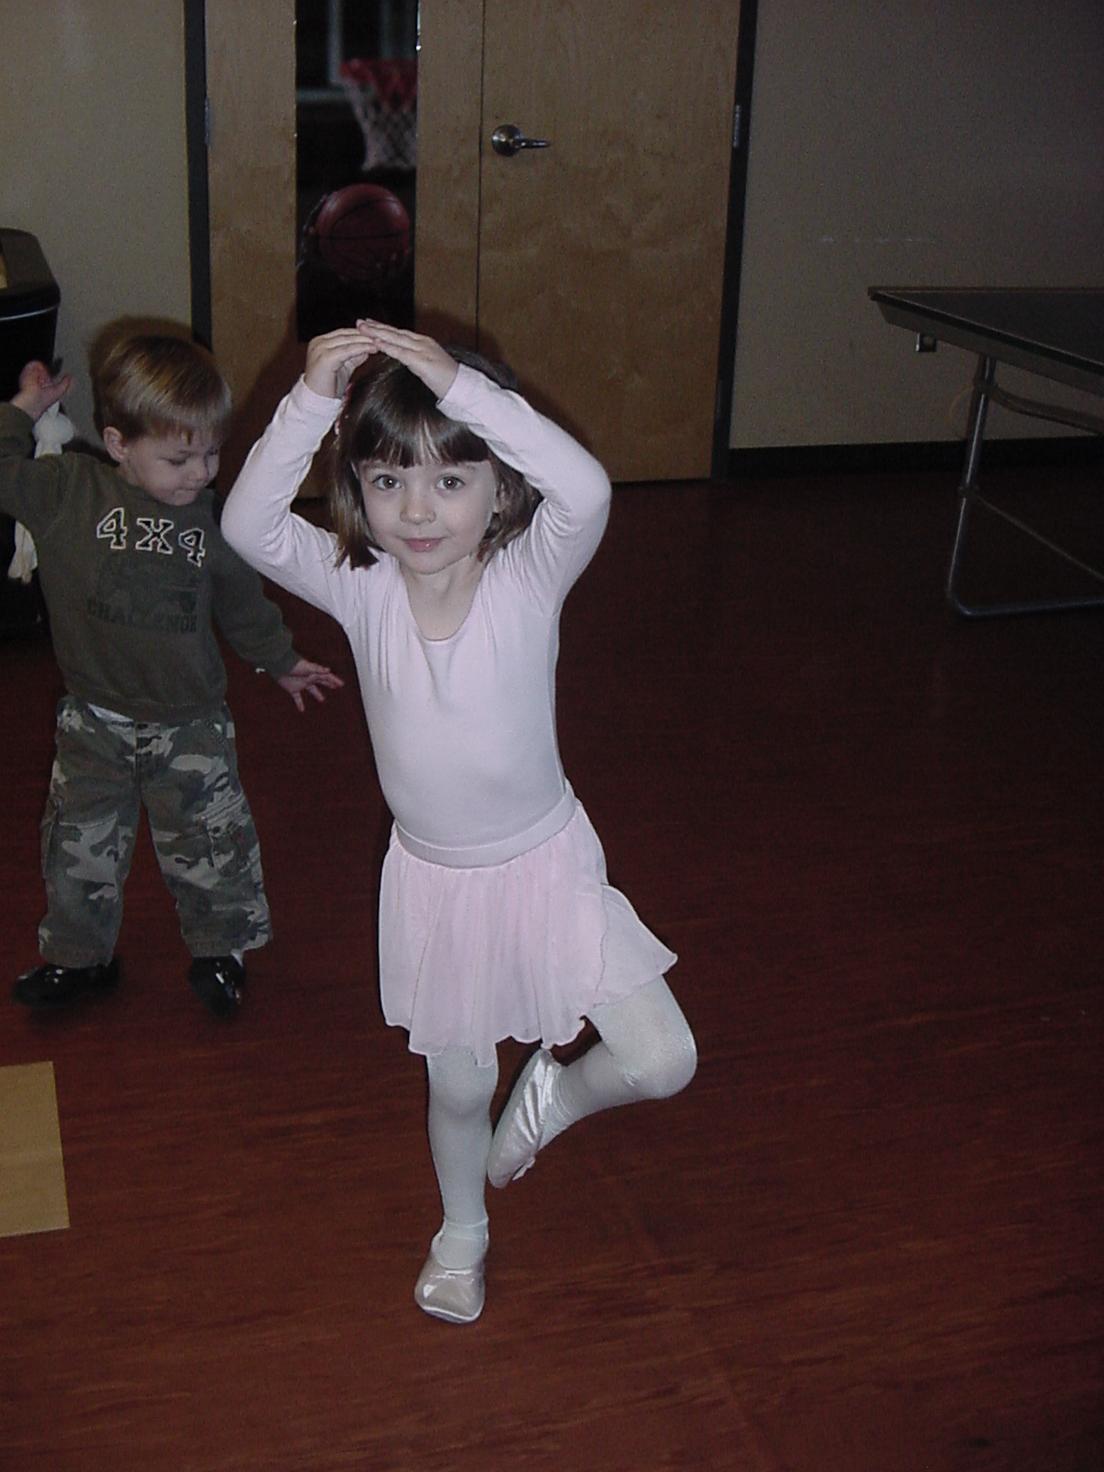 2009-02-17-allison-in-ballet-leotard-2.JPG